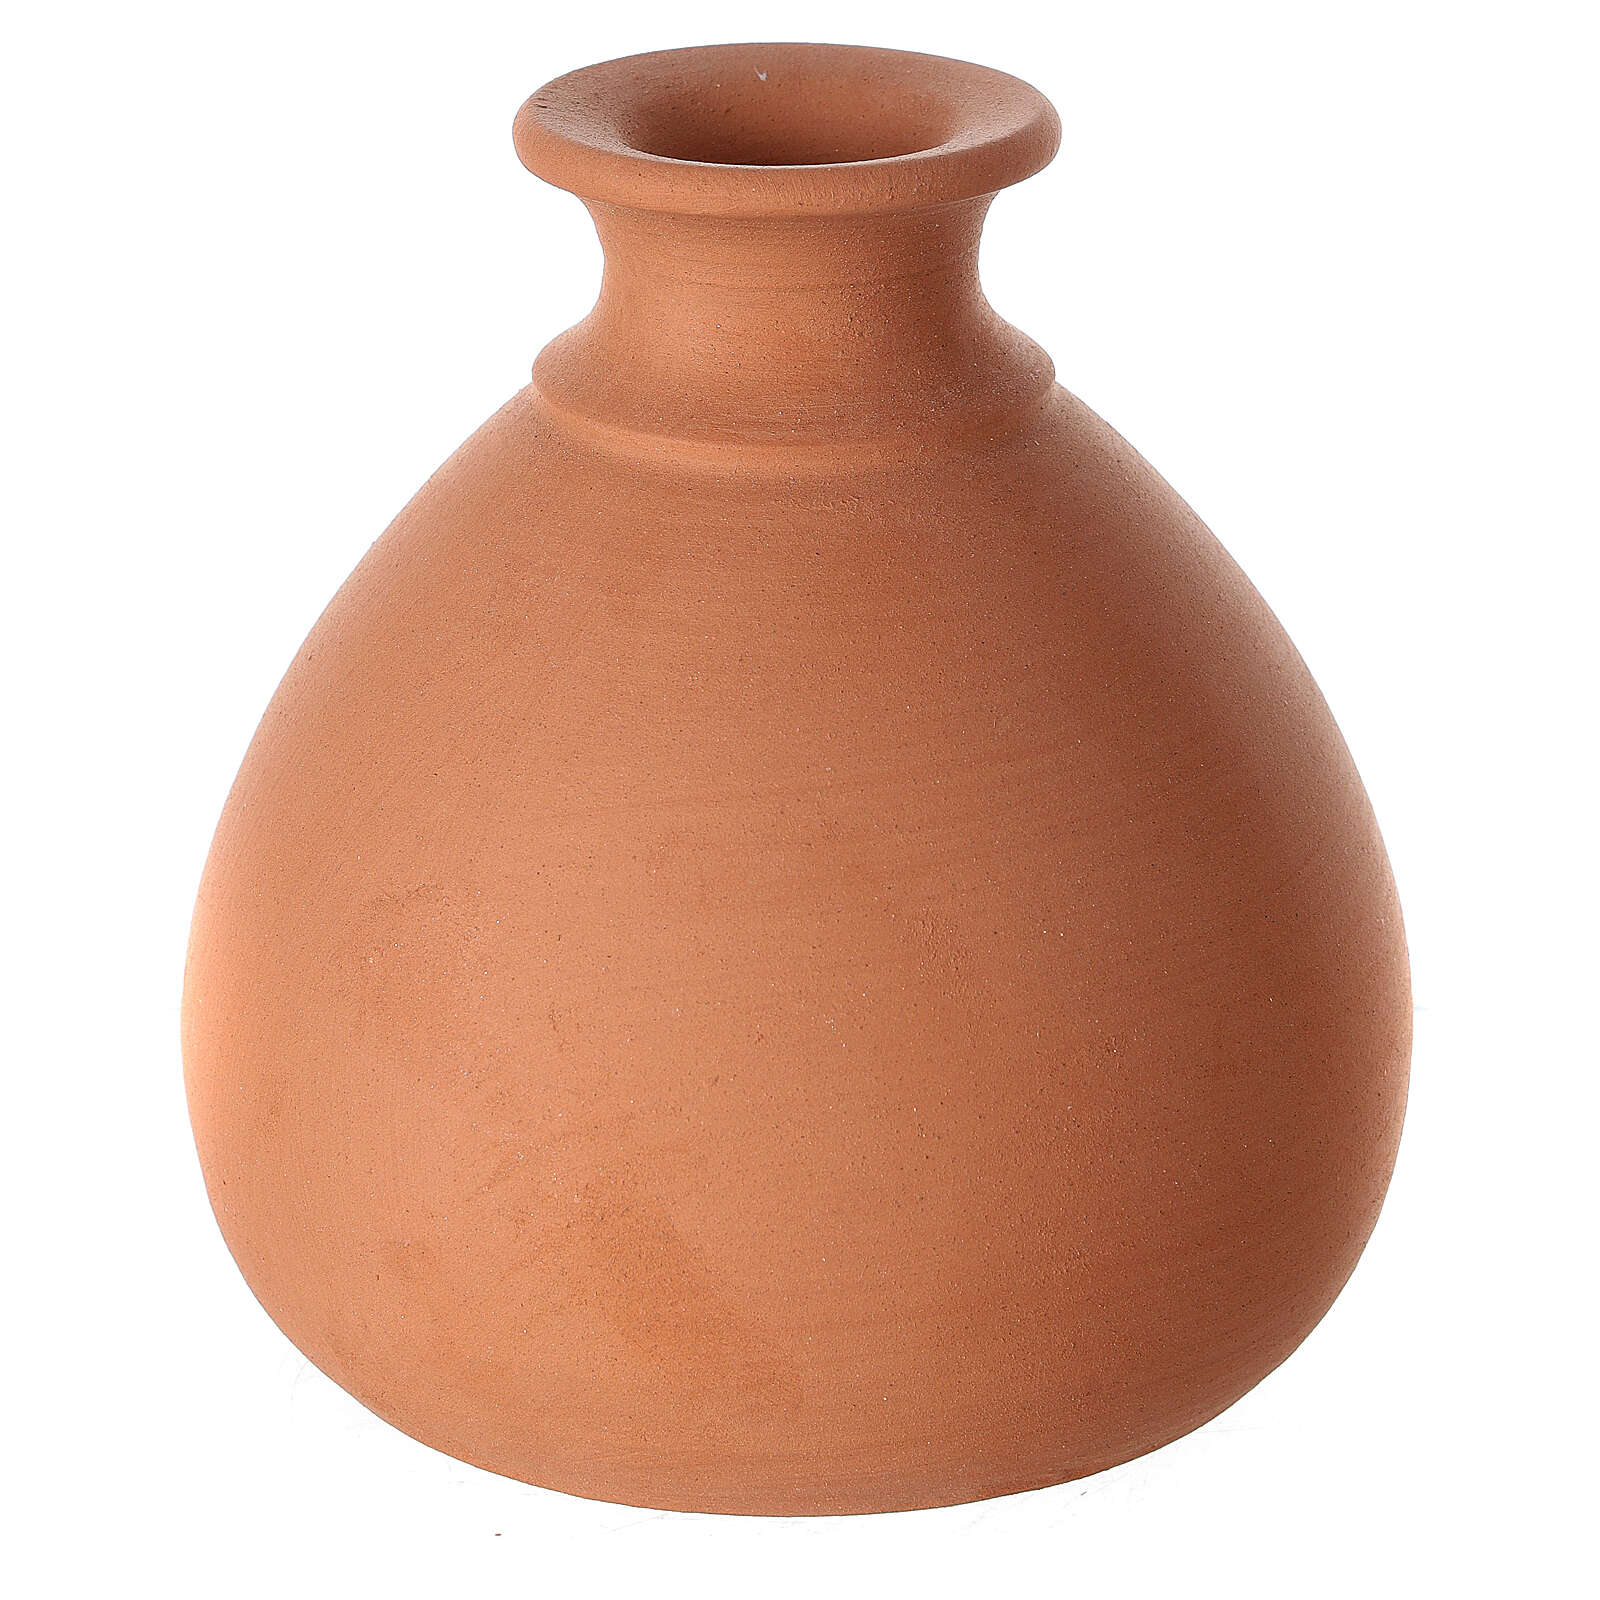 Presepe vaso tornito mini terracotta bicolore Deruta 10 cm 4